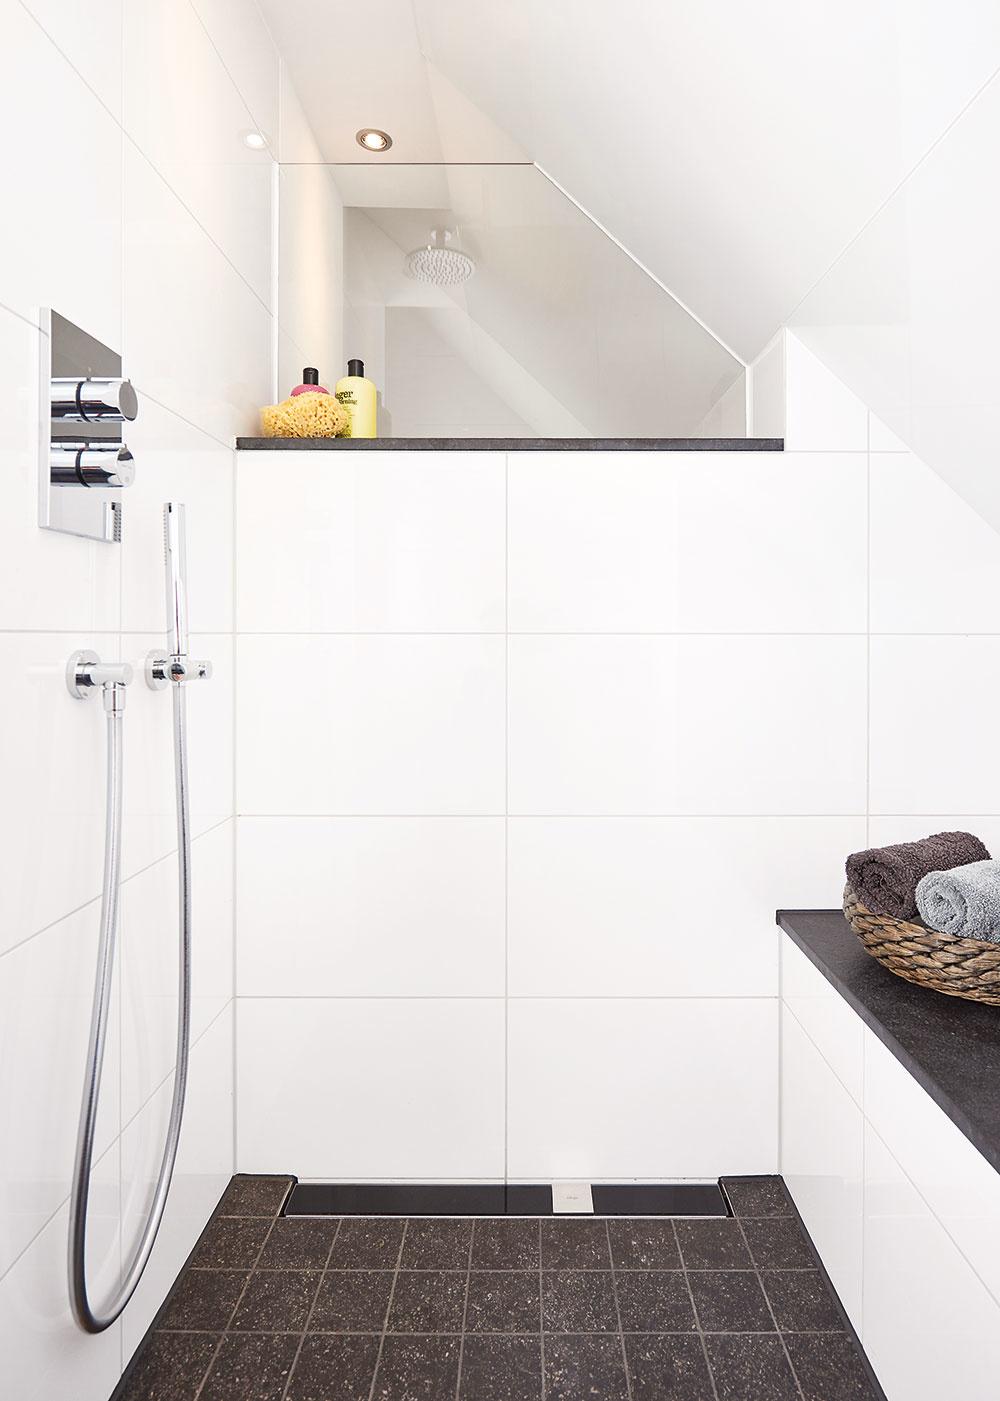 Sprchový kút typu walk-in poskytuje dostatočný priestor a voľnosť pohybu aj v podkrovnej kúpeľni so šikmým stropom. Takéto riešenie navyše kúpeľňu opticky otvorí a vďaka bezprahovému prechodu ho investor ocení aj vo vyššom veku. Jeho súčasťou je aj praktická lavička.